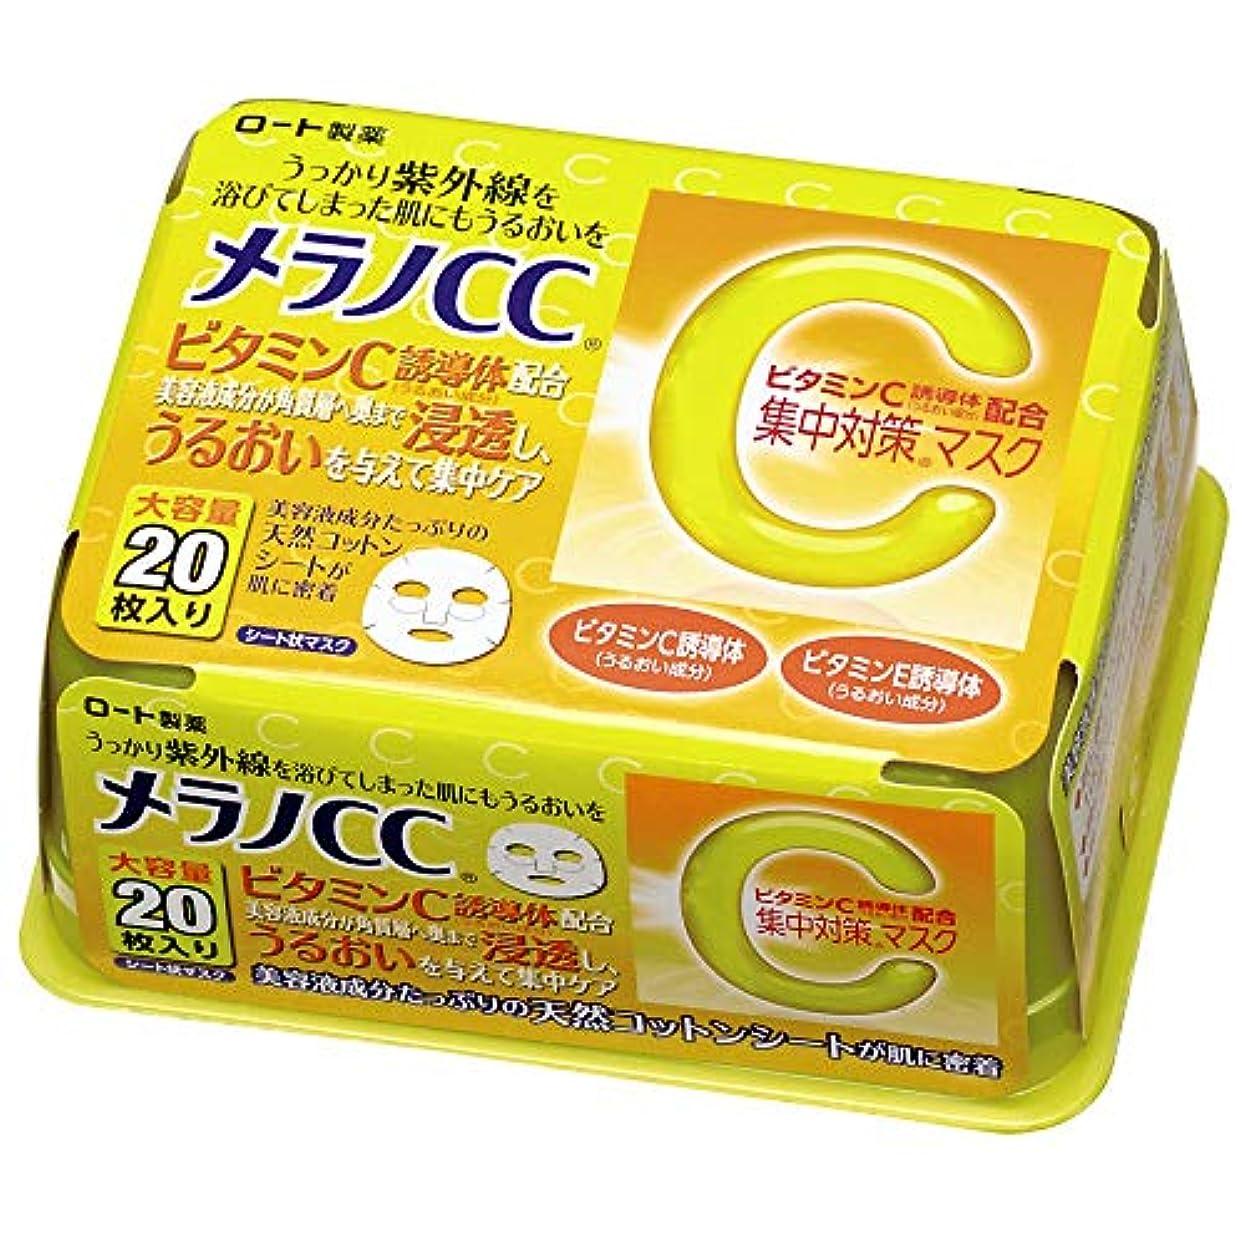 蒸ベアリングサークルくそーメラノCC ビタミンC配合 紫外線集中対策浸透 マスク 20枚 195mL